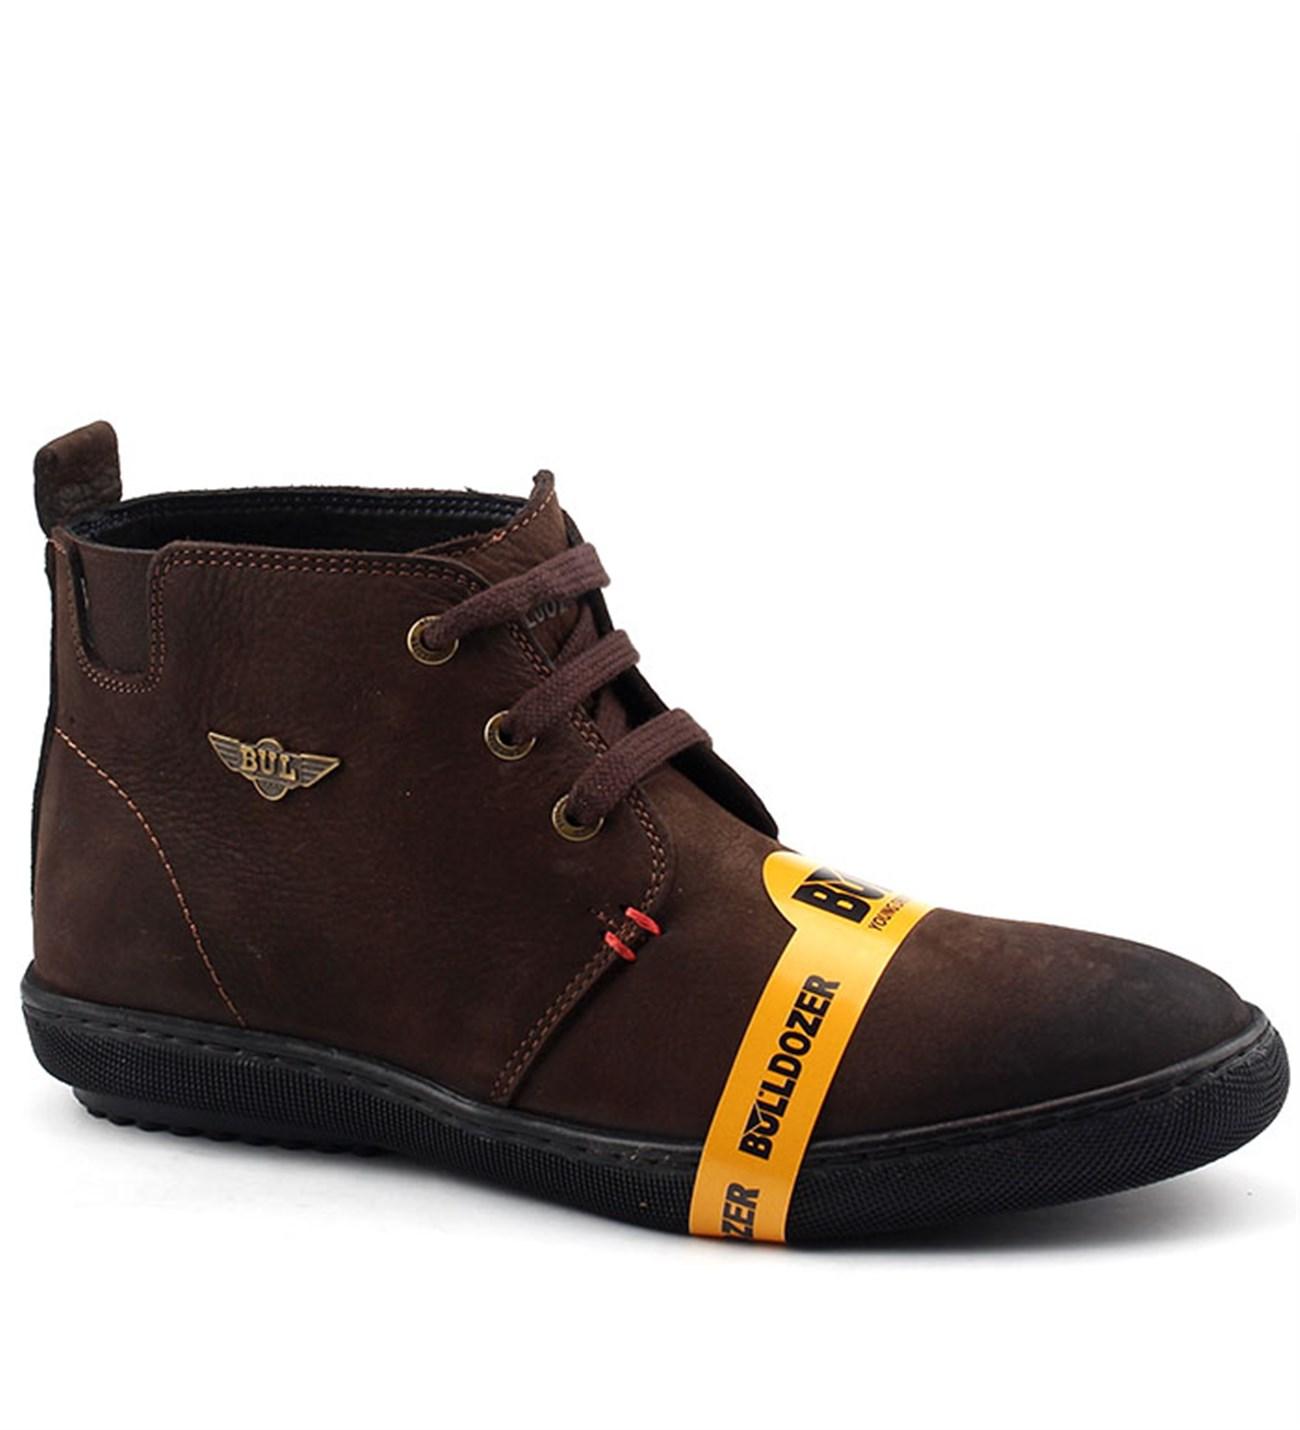 Bulldozer 15892 Günlük Nubuk Deri Termo Taban Erkek Bot Ayakkabı Kahverengi